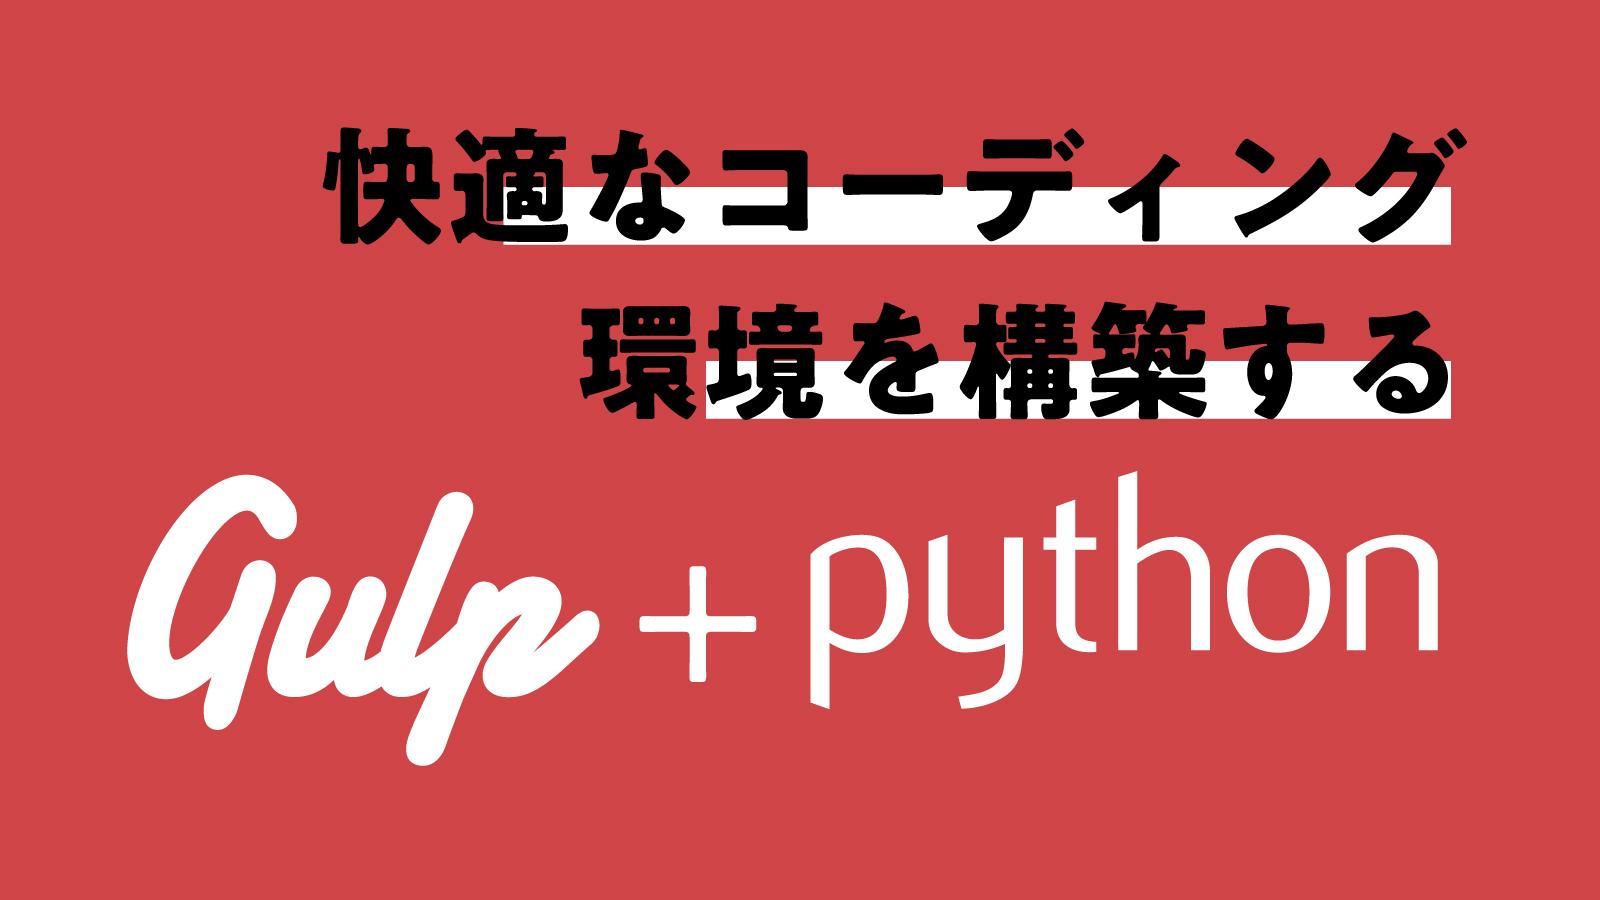 Gulp+Pythonで快適なコーディング環境(Sass・ベンダープレフィックス・圧縮等)を構築する